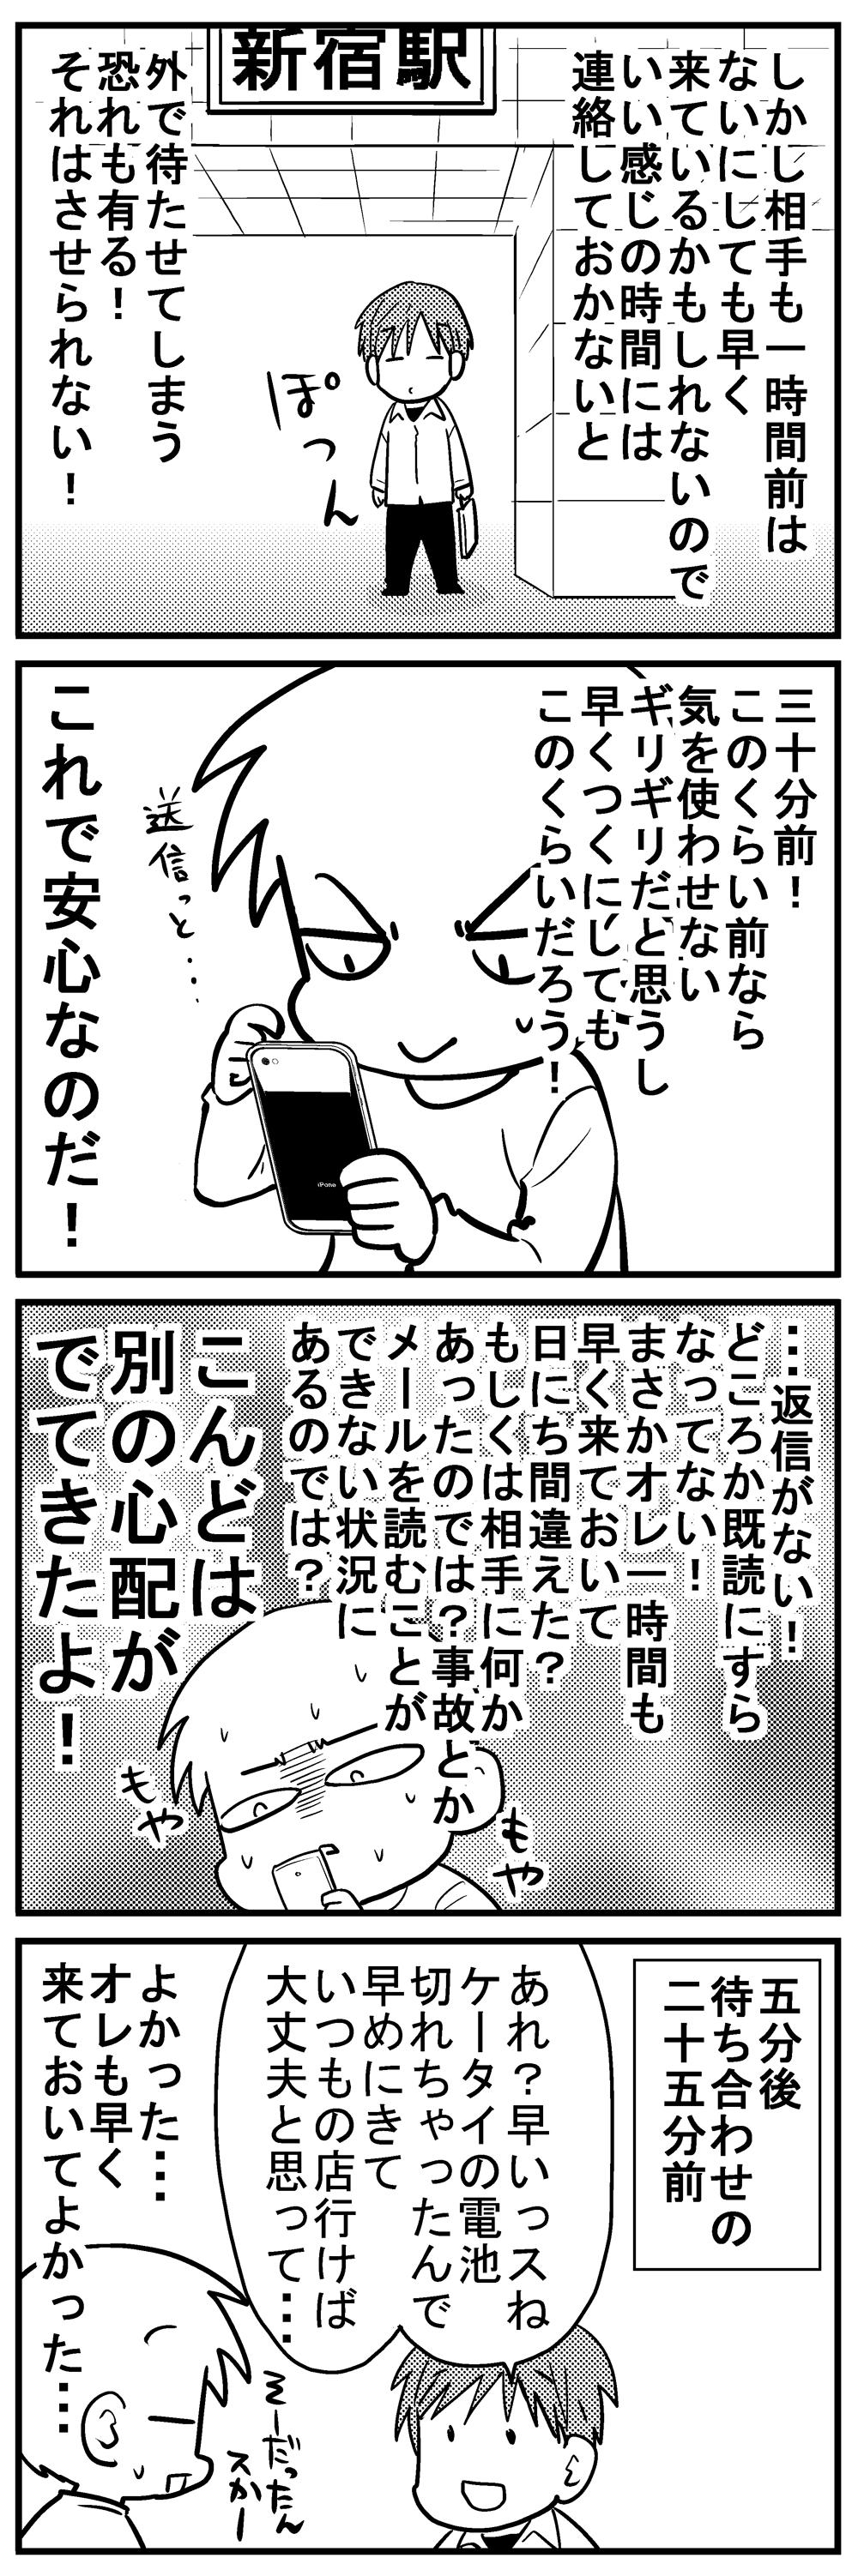 深読みくん95 2